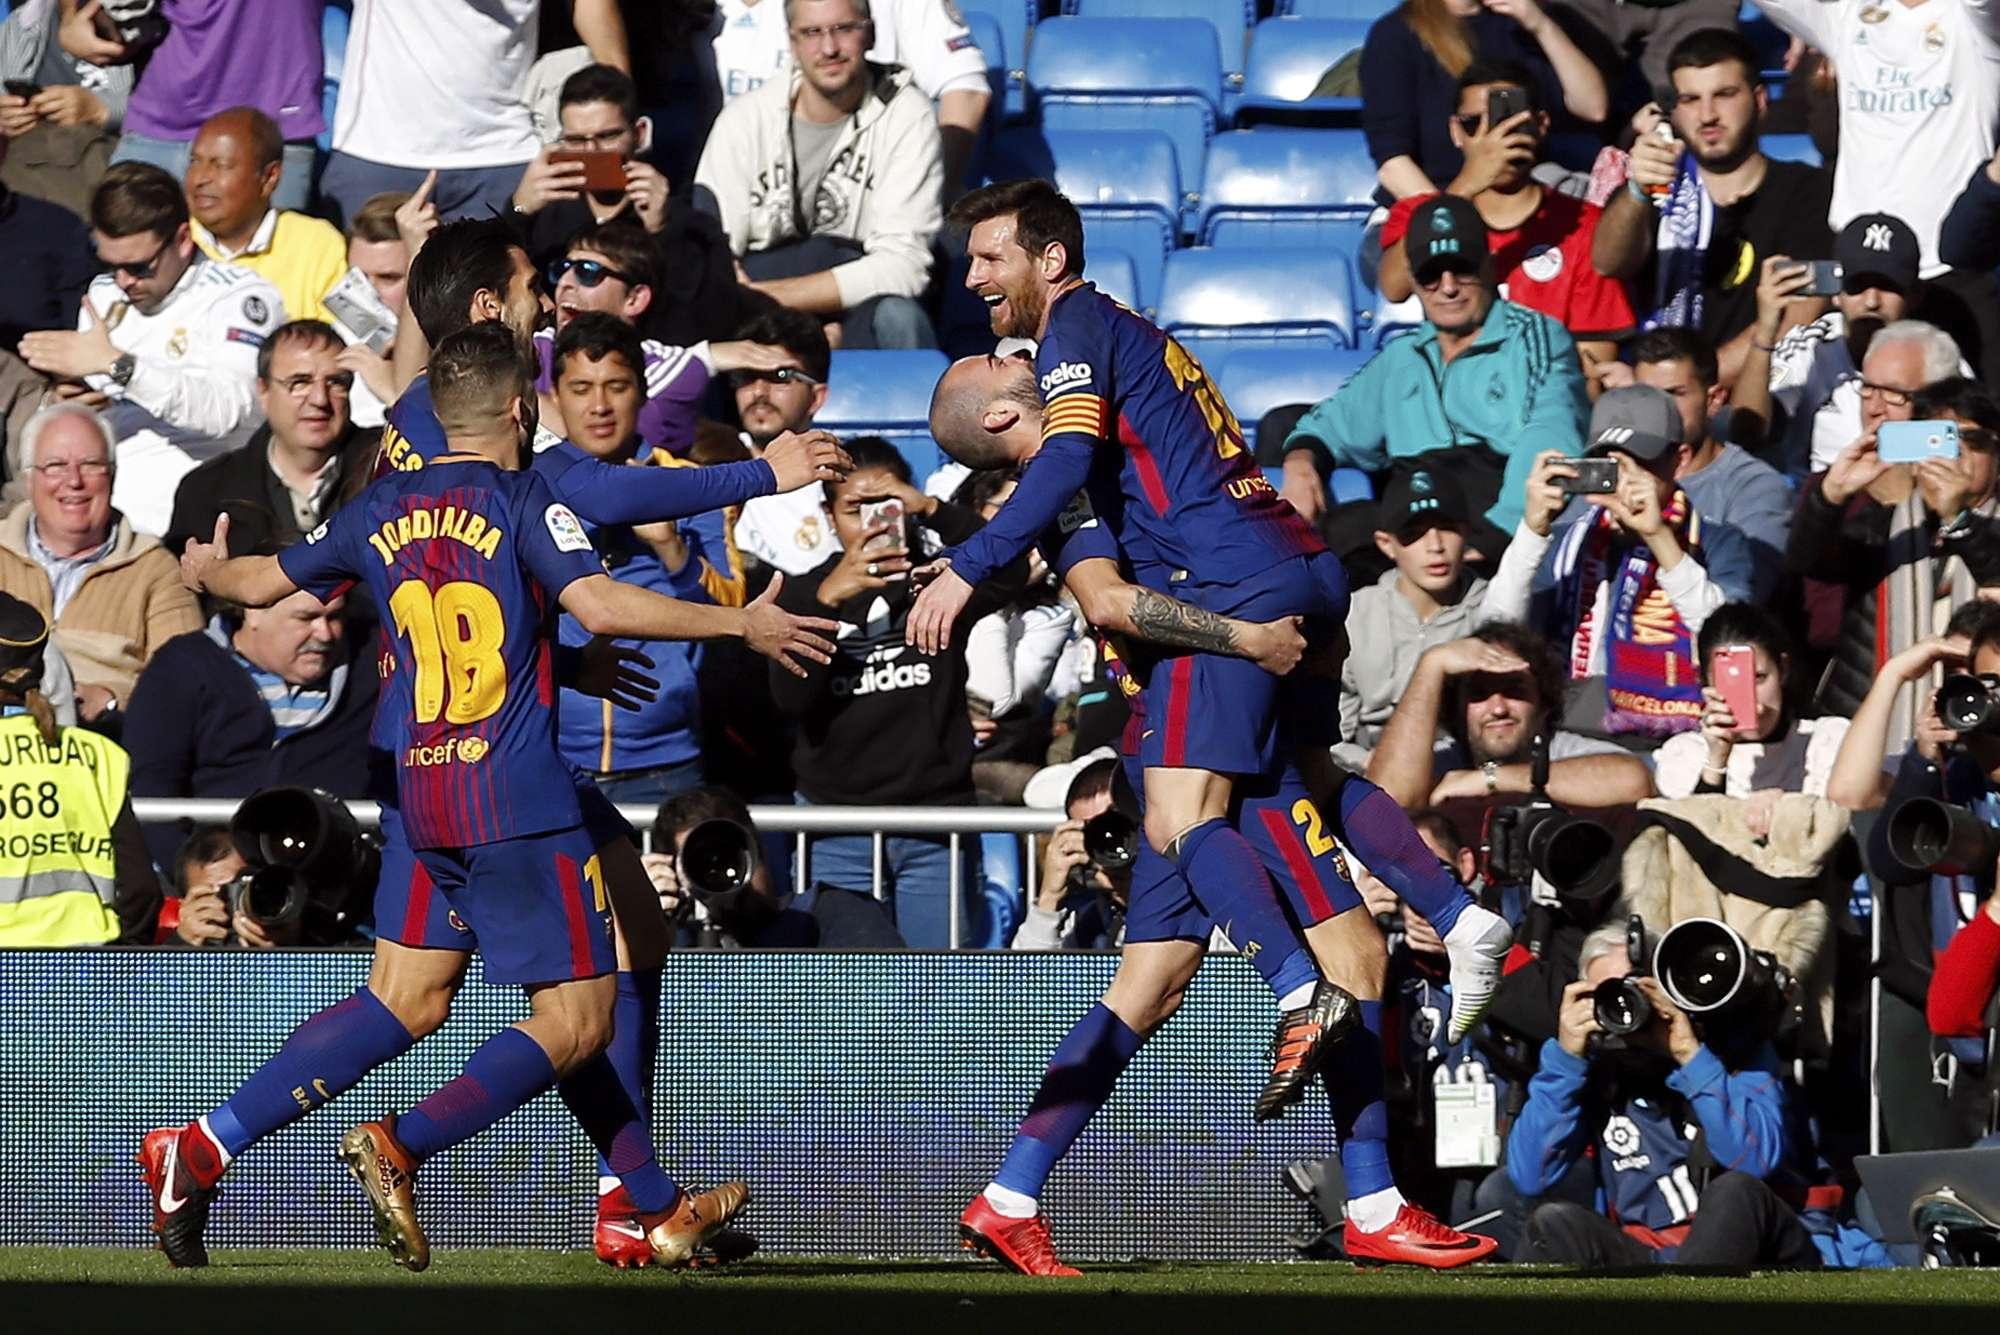 El argentino Lionel Messi celebra el triunfo con sus compañeros. Foto: AP